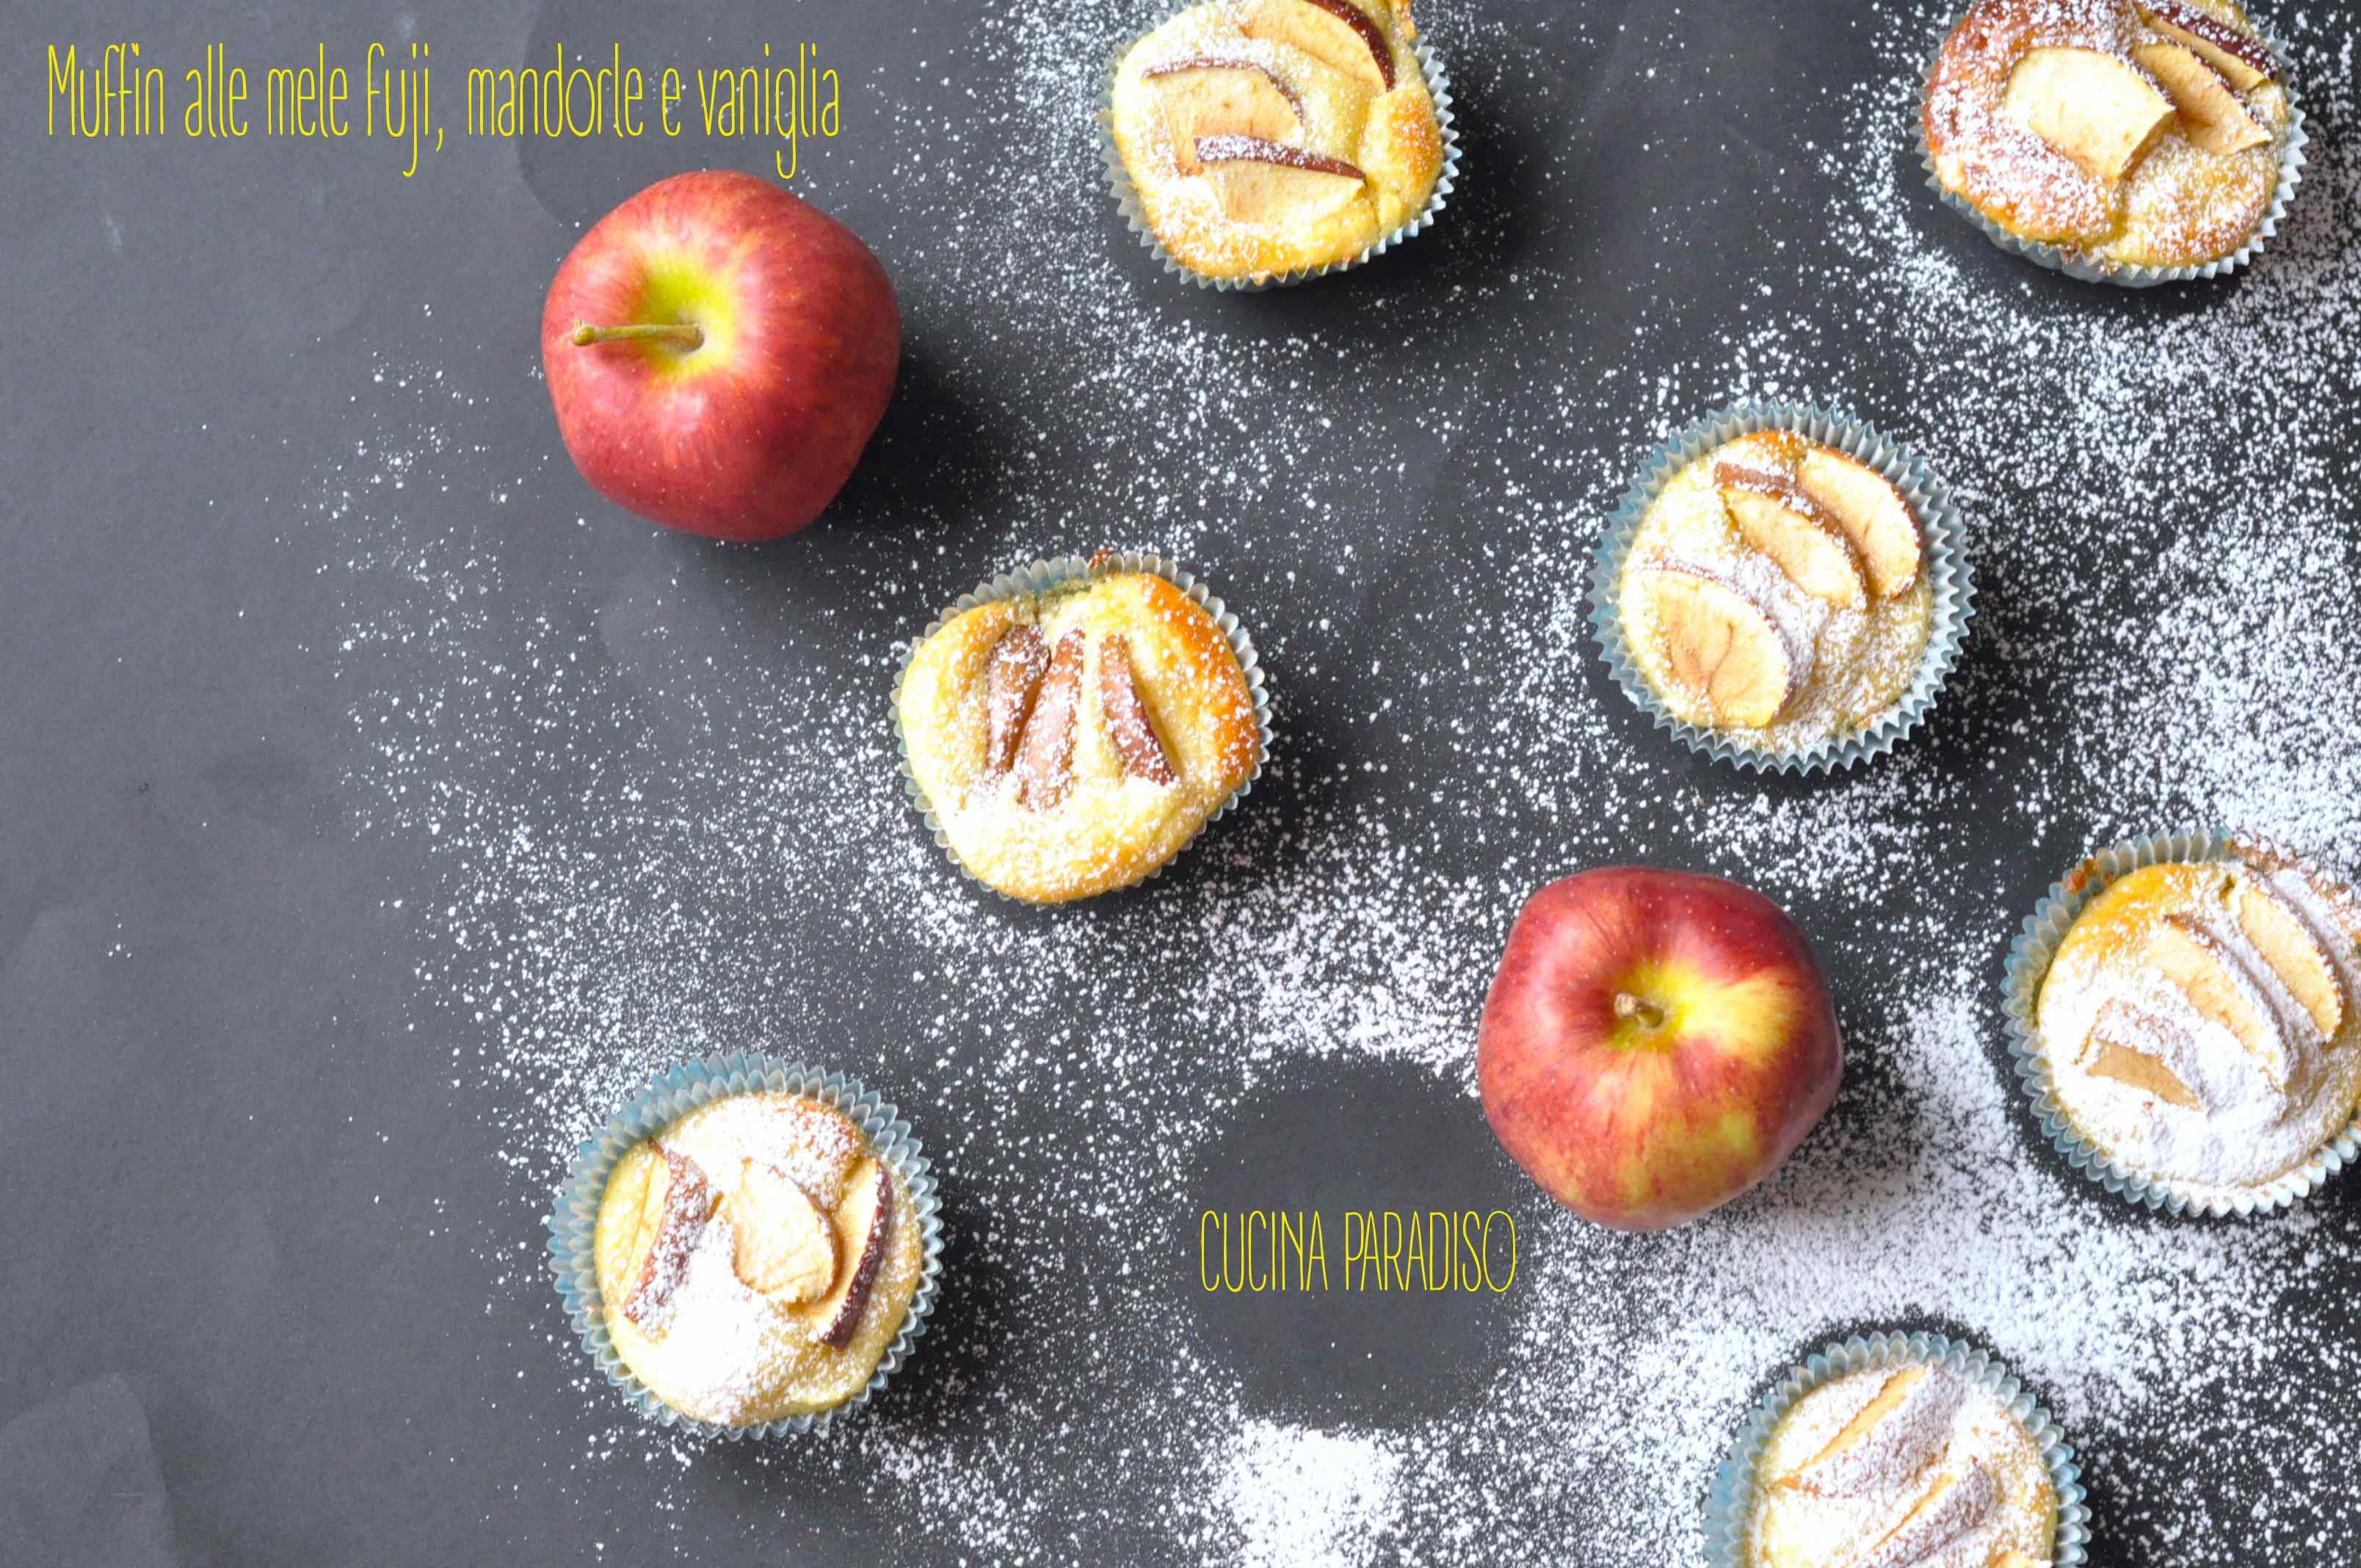 Muffin alle mele fuji, mandorle e vaniglia2